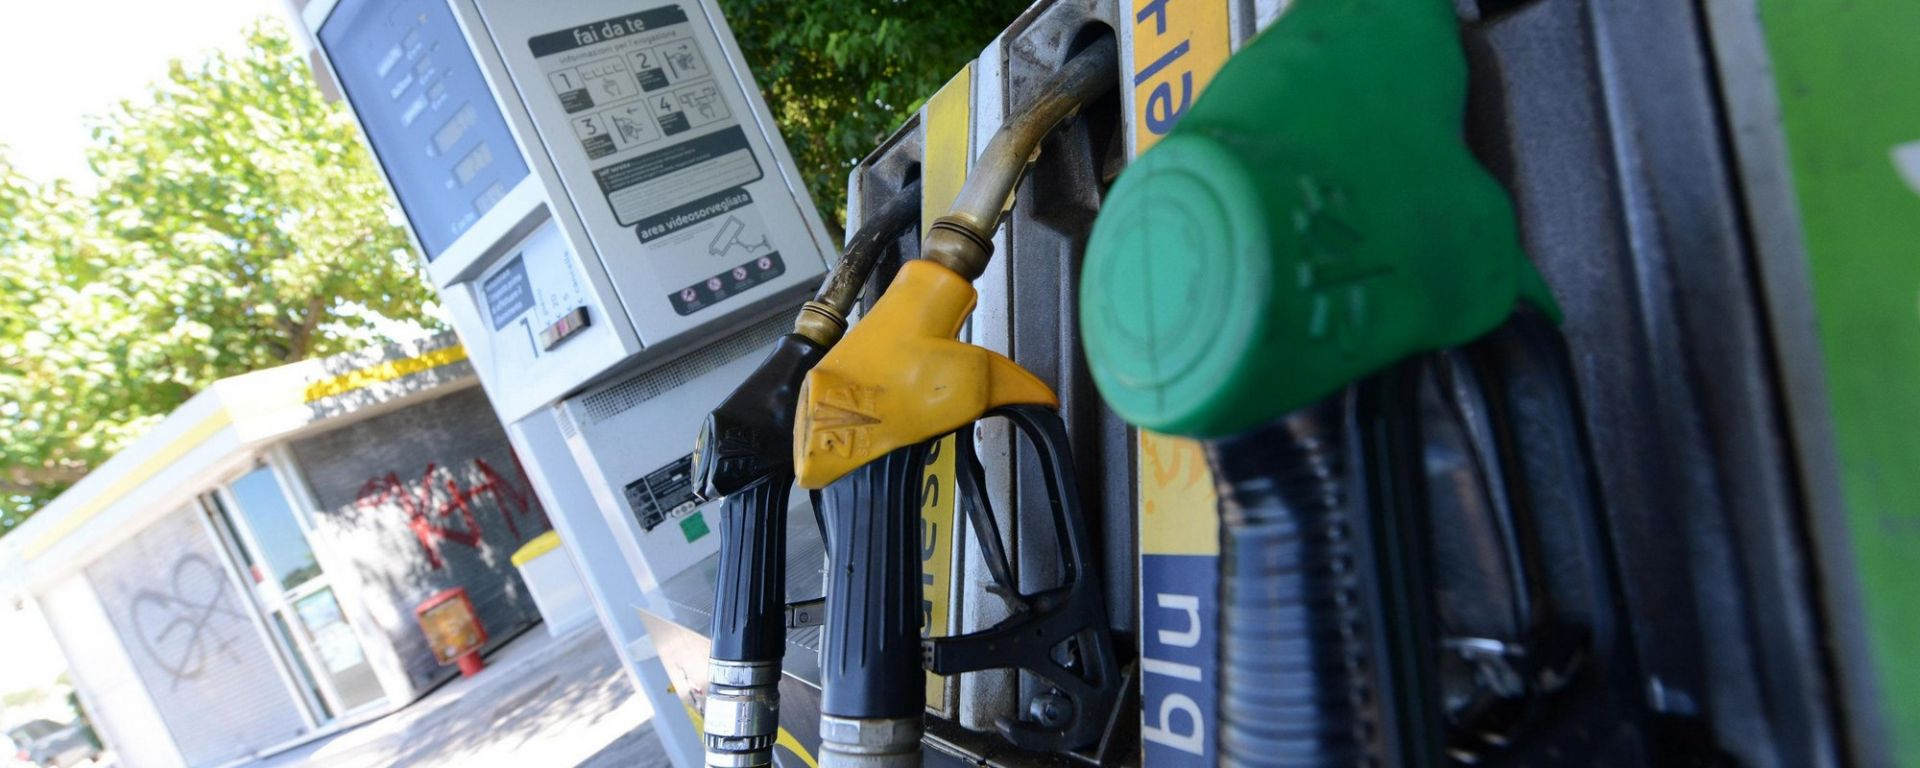 Aumento dell'Iva: colpirebbe anche i carburanti, oltre ad auto, moto e pedaggi